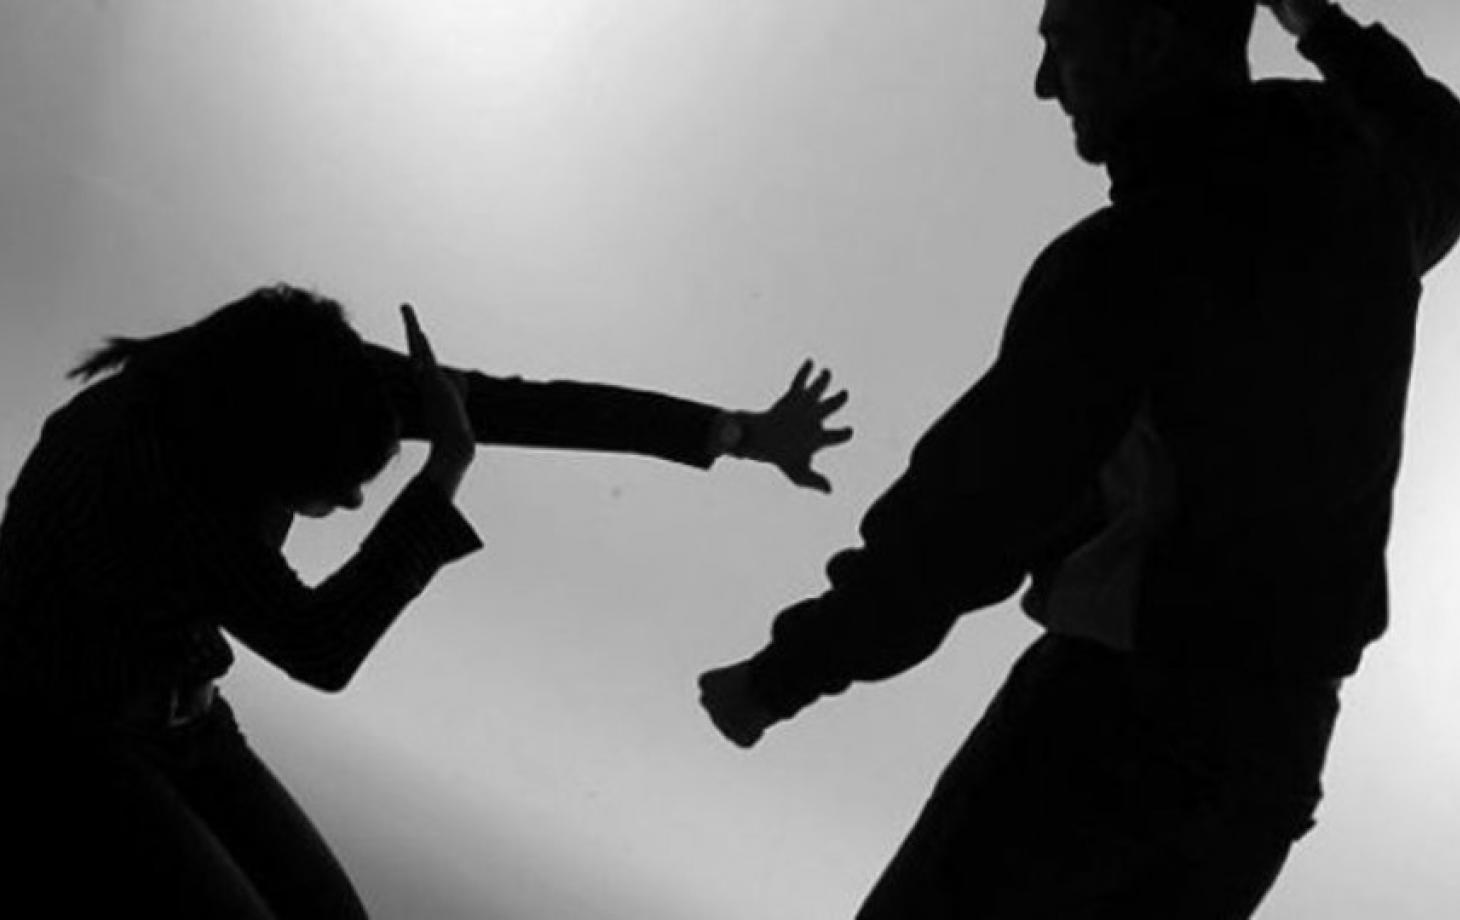 Ревнивец трубой убил возлюбленного бывшей супруги